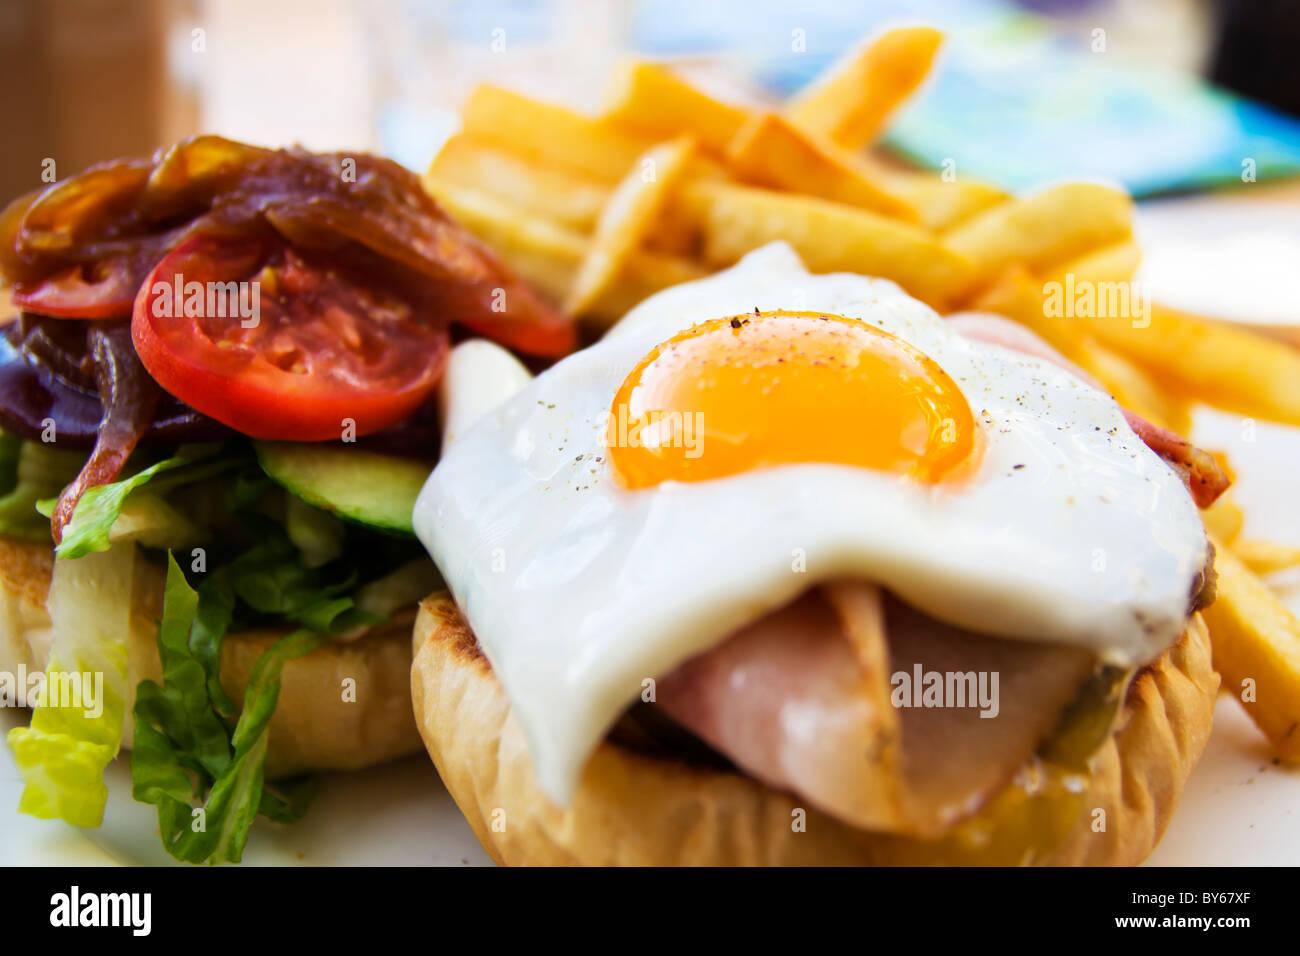 Carni bovine wagyu hamburger con patatine, pancetta, prosciutto, uova e ortaggi Immagini Stock